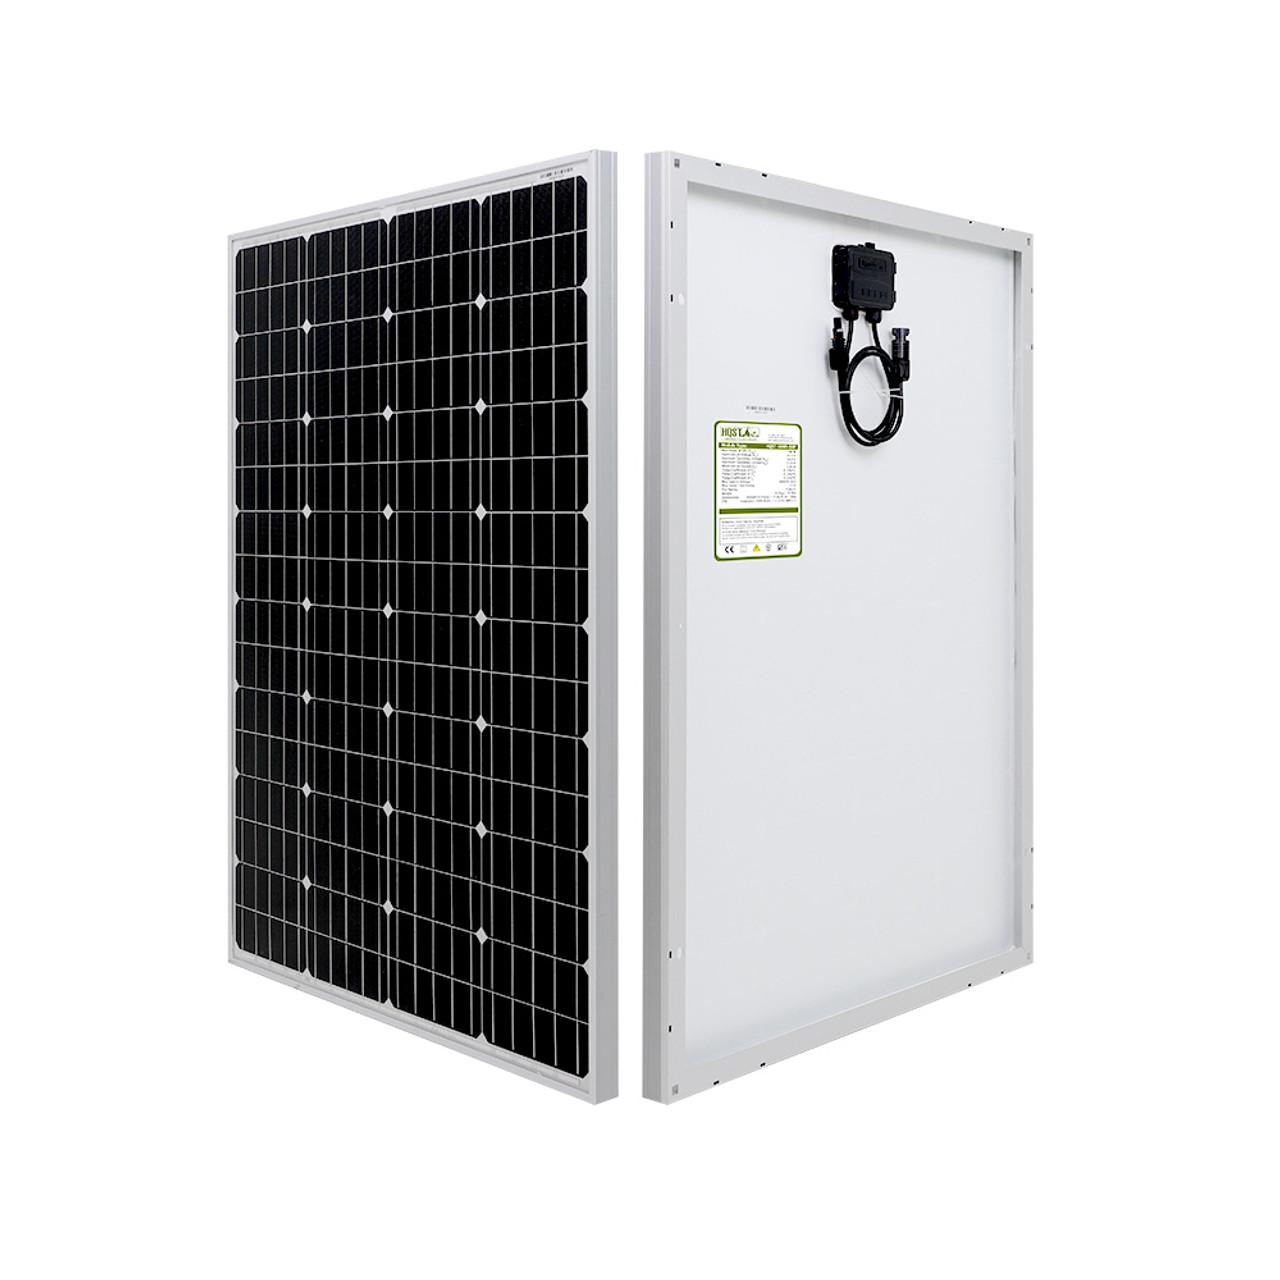 100 Watt 12 Volt Monocrystalline Solar Panel